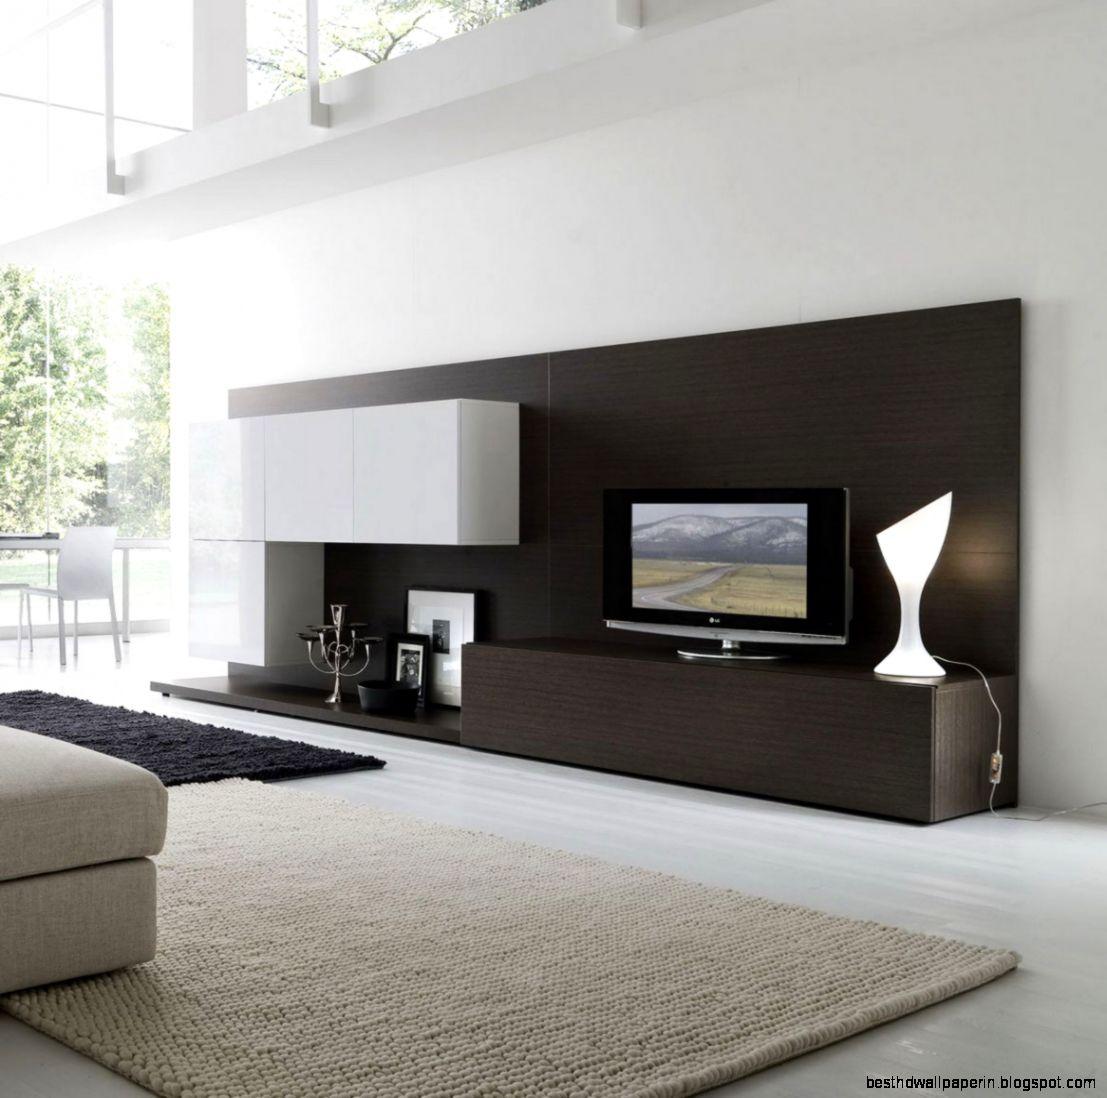 Modern interior design wallpaper hd best hd wallpapers - Interior design living room wallpaper ...